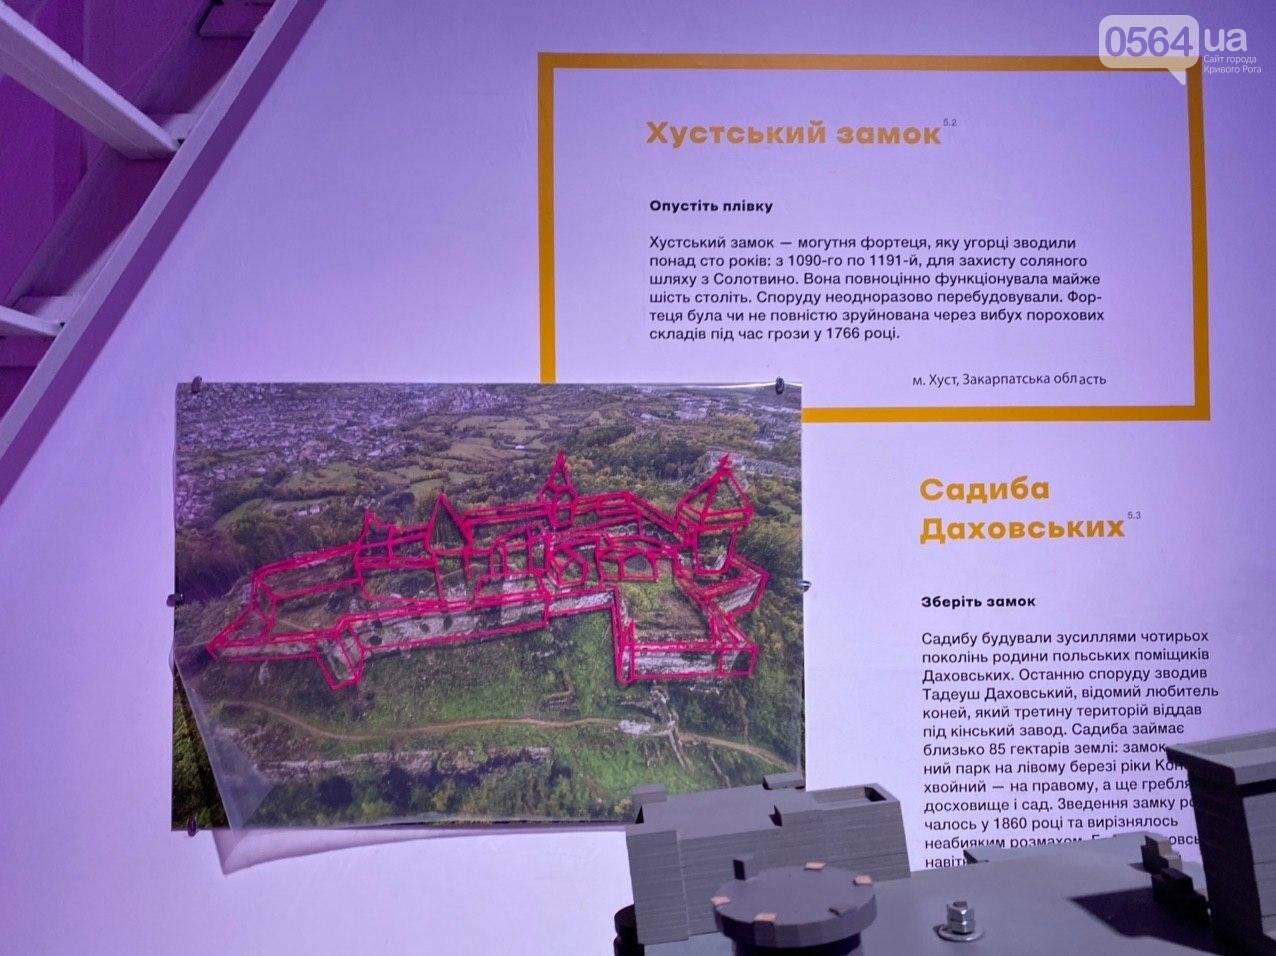 Ukraine WOW: что можно было узнать о Кривом Роге на интерактивной выставке, - ФОТО , фото-90